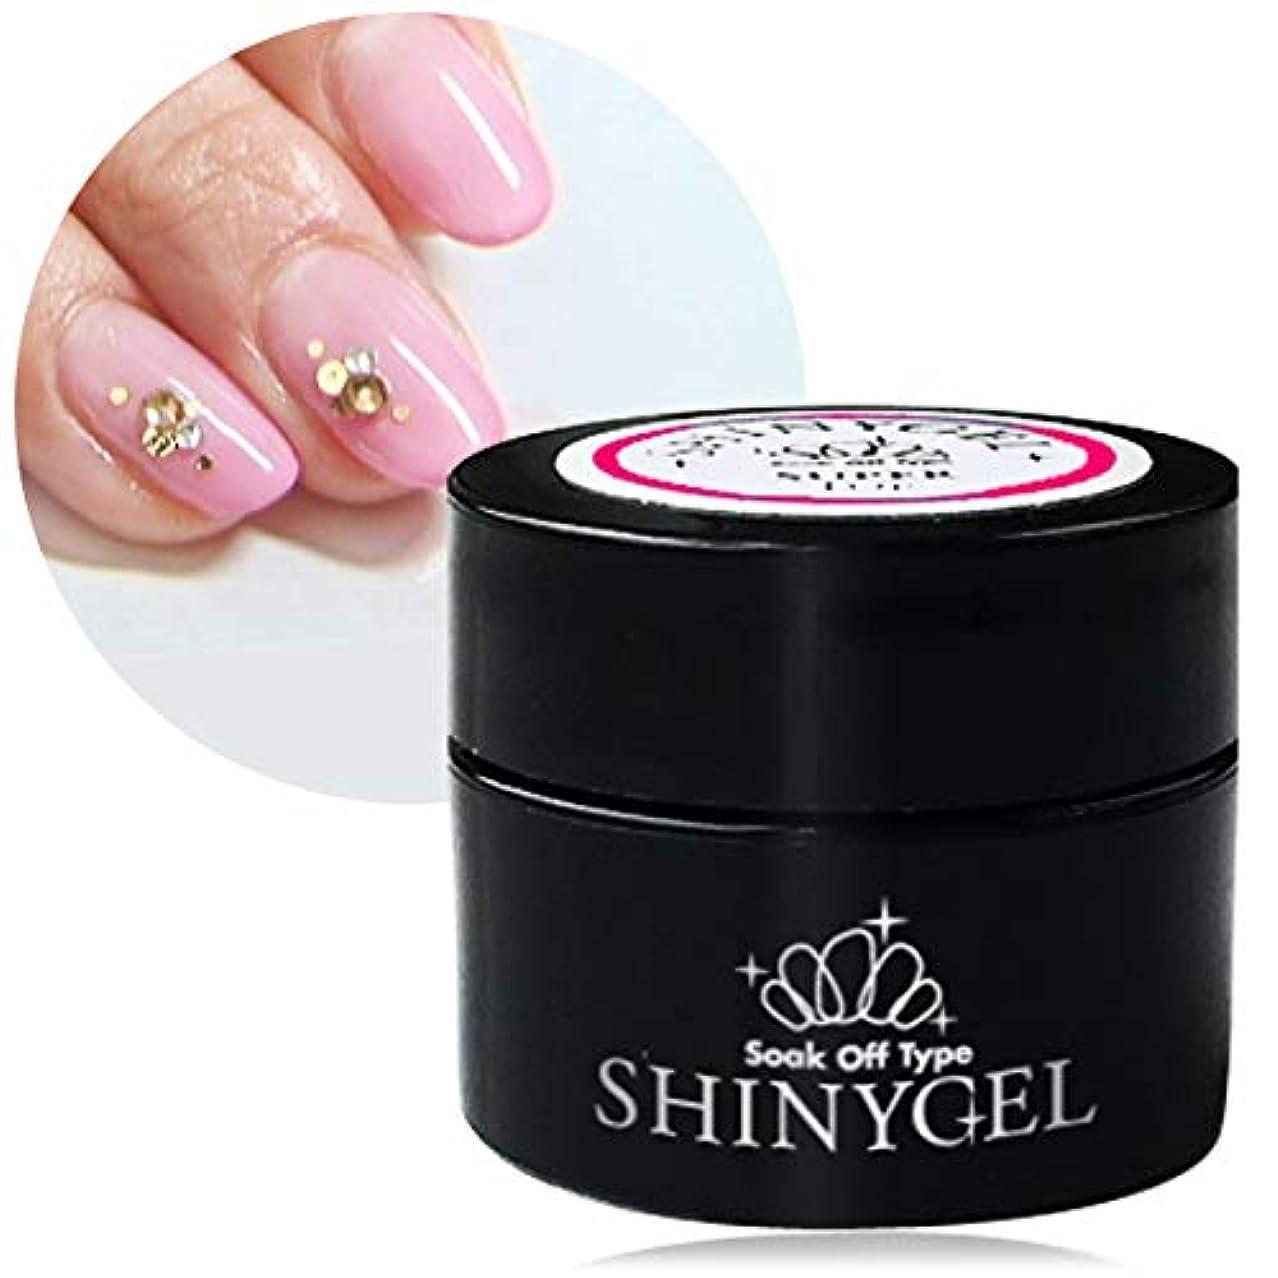 一見ブローパイプライン[UV/LED対応○] SHINYGEL シャイニージェル スーパートップ/5g <セミハードタイプ>爪にやさしく 極上のツヤとうっとりする透明感 100%純国産原料使用